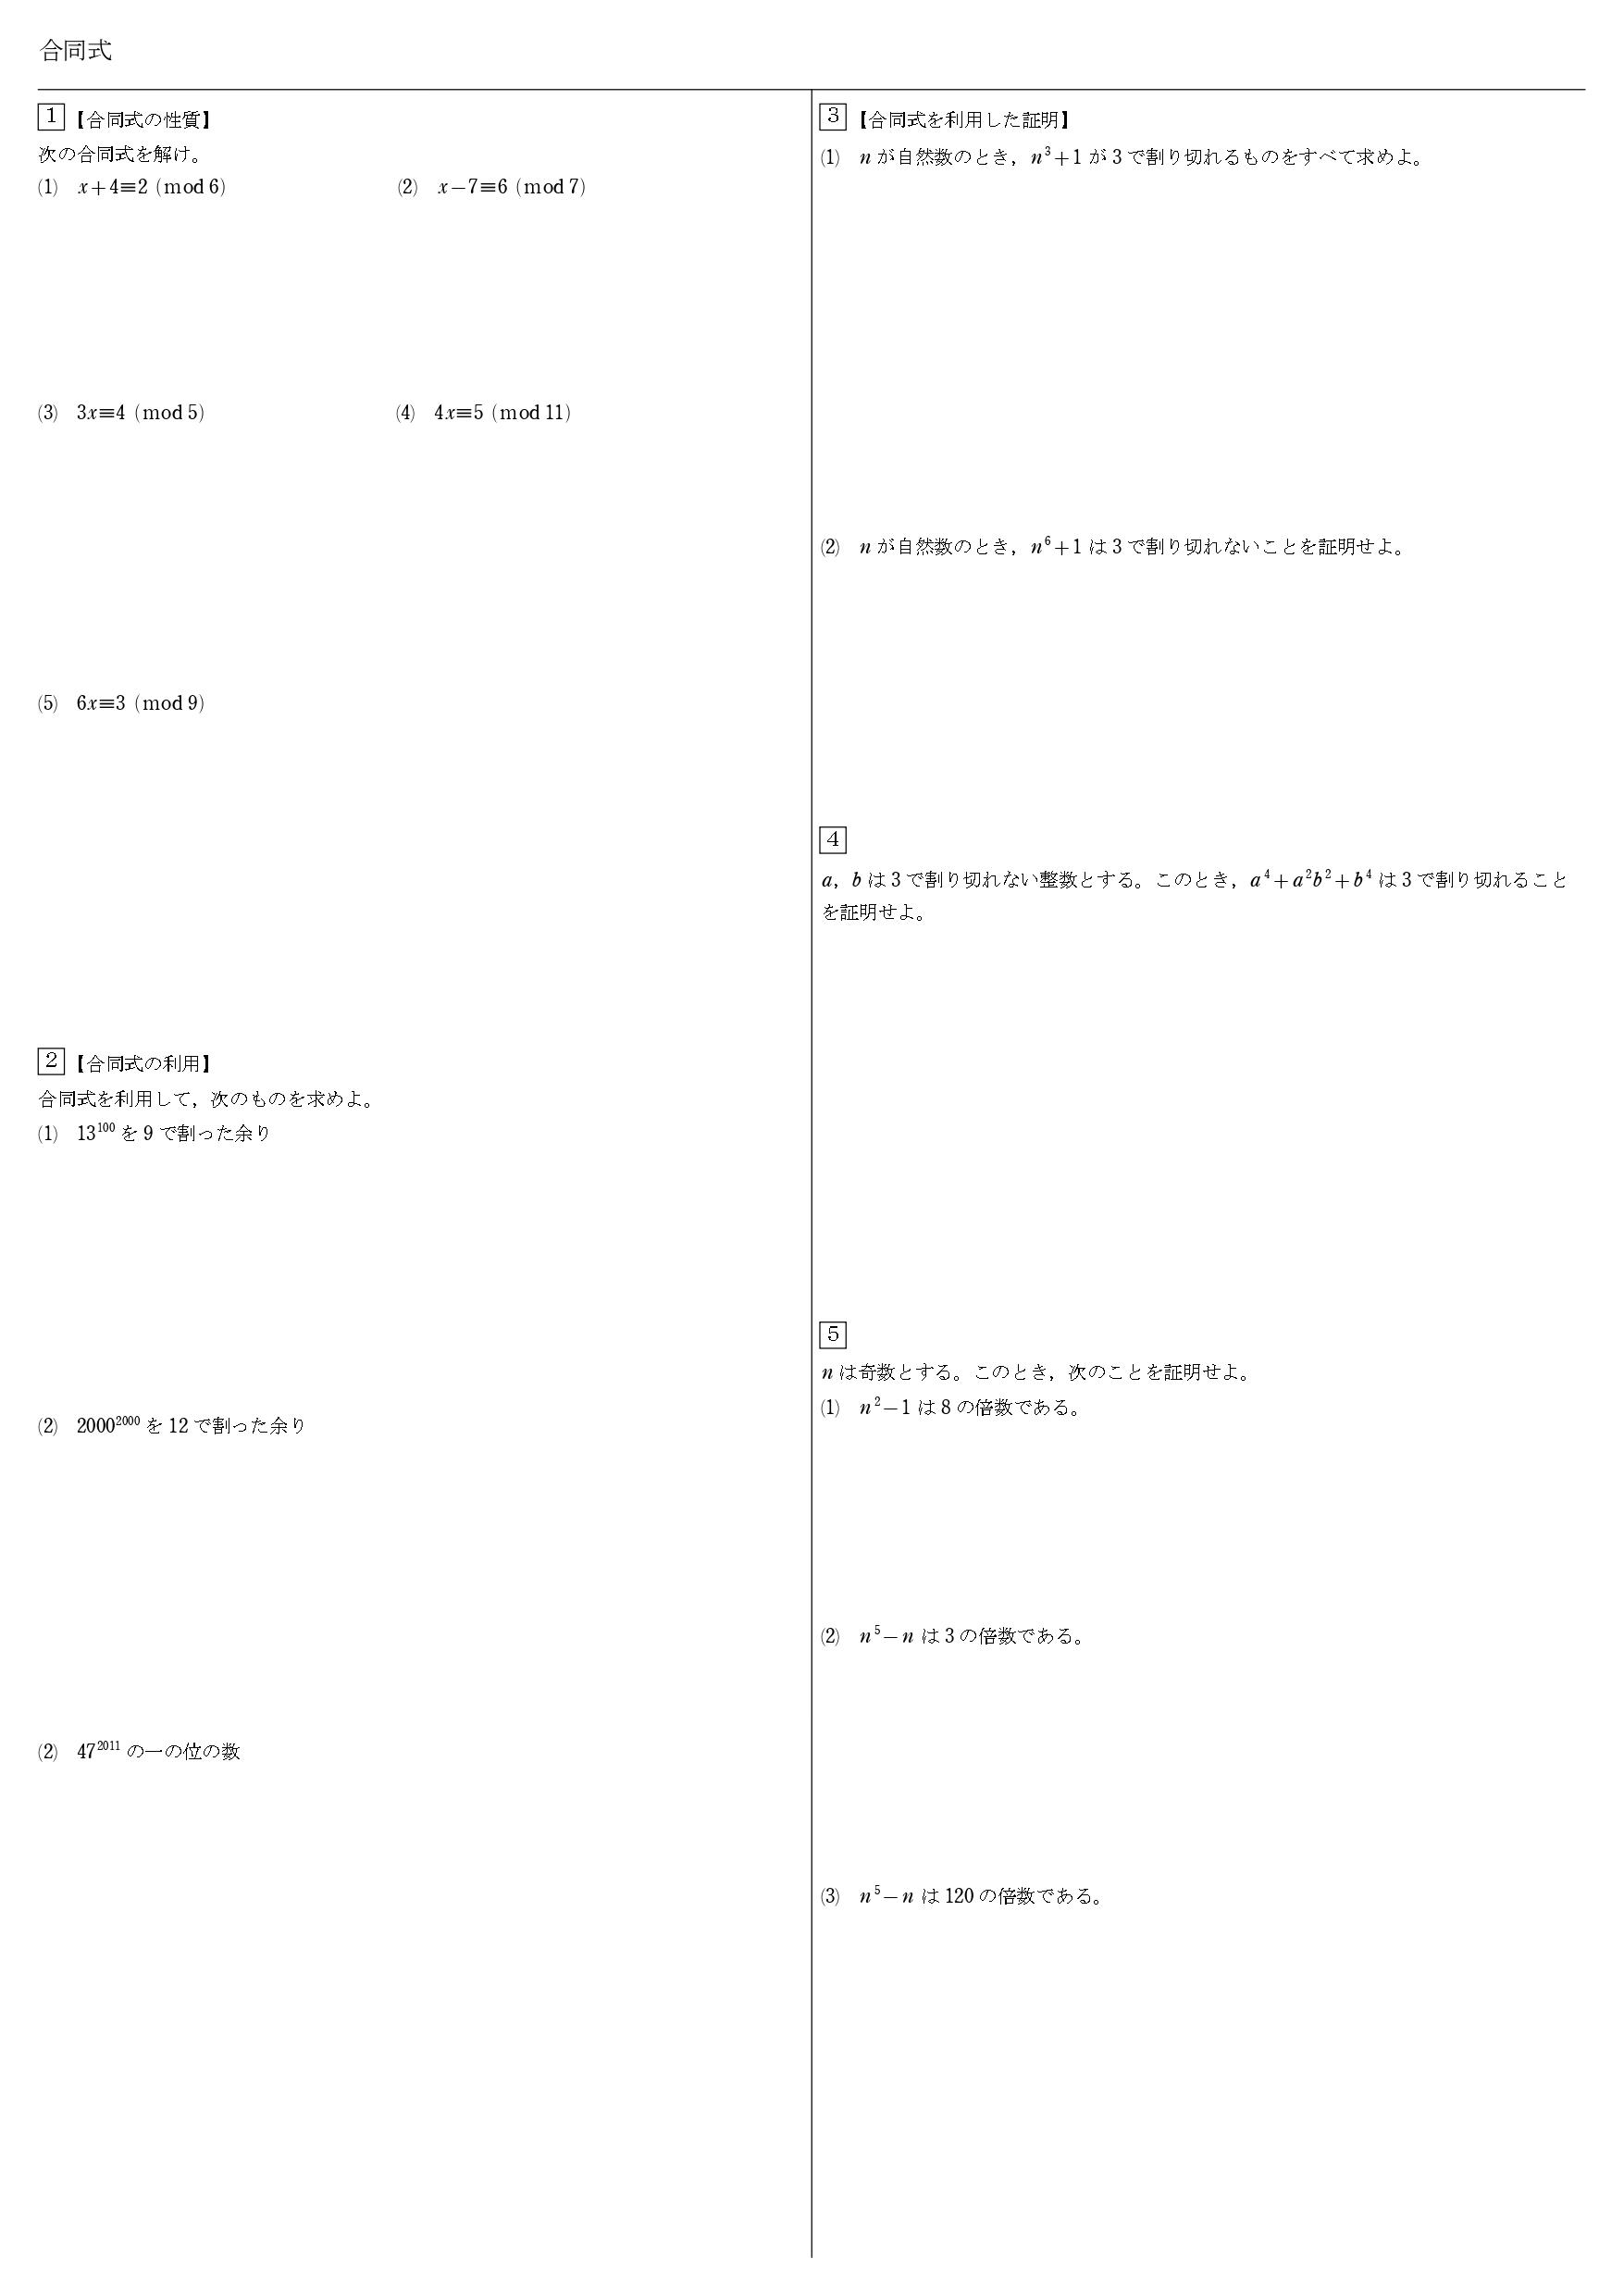 数A 合同式 まとめ 問題一覧 解答一覧 公式